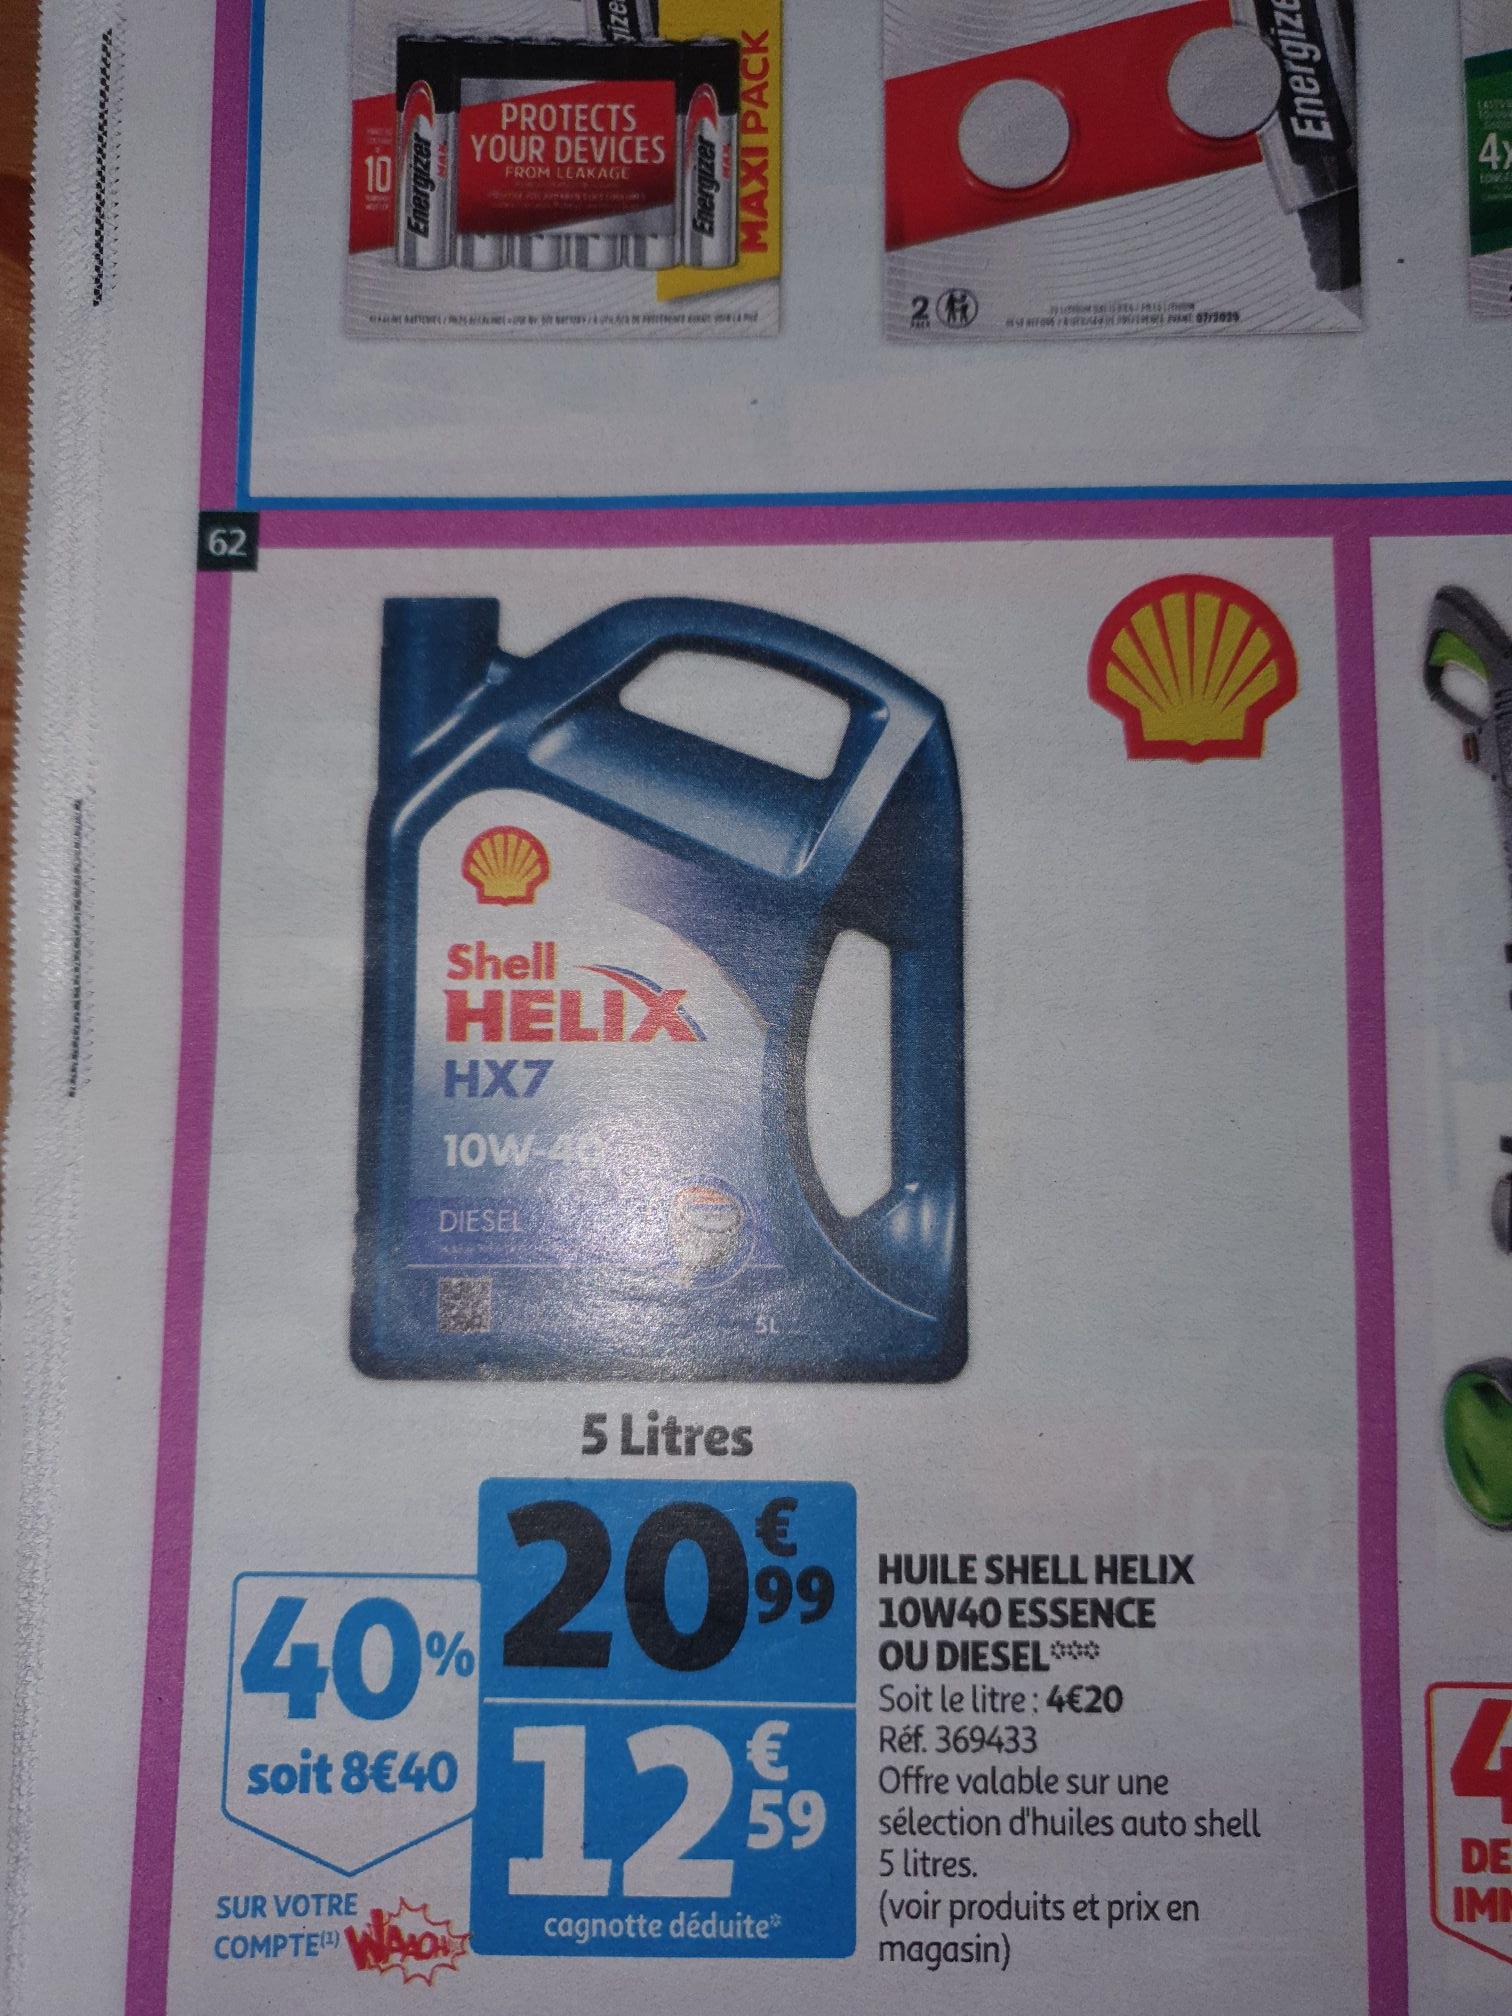 Huile moteur shell hélix 10w40 essence ou diesel (via 8.4€ fidélité)